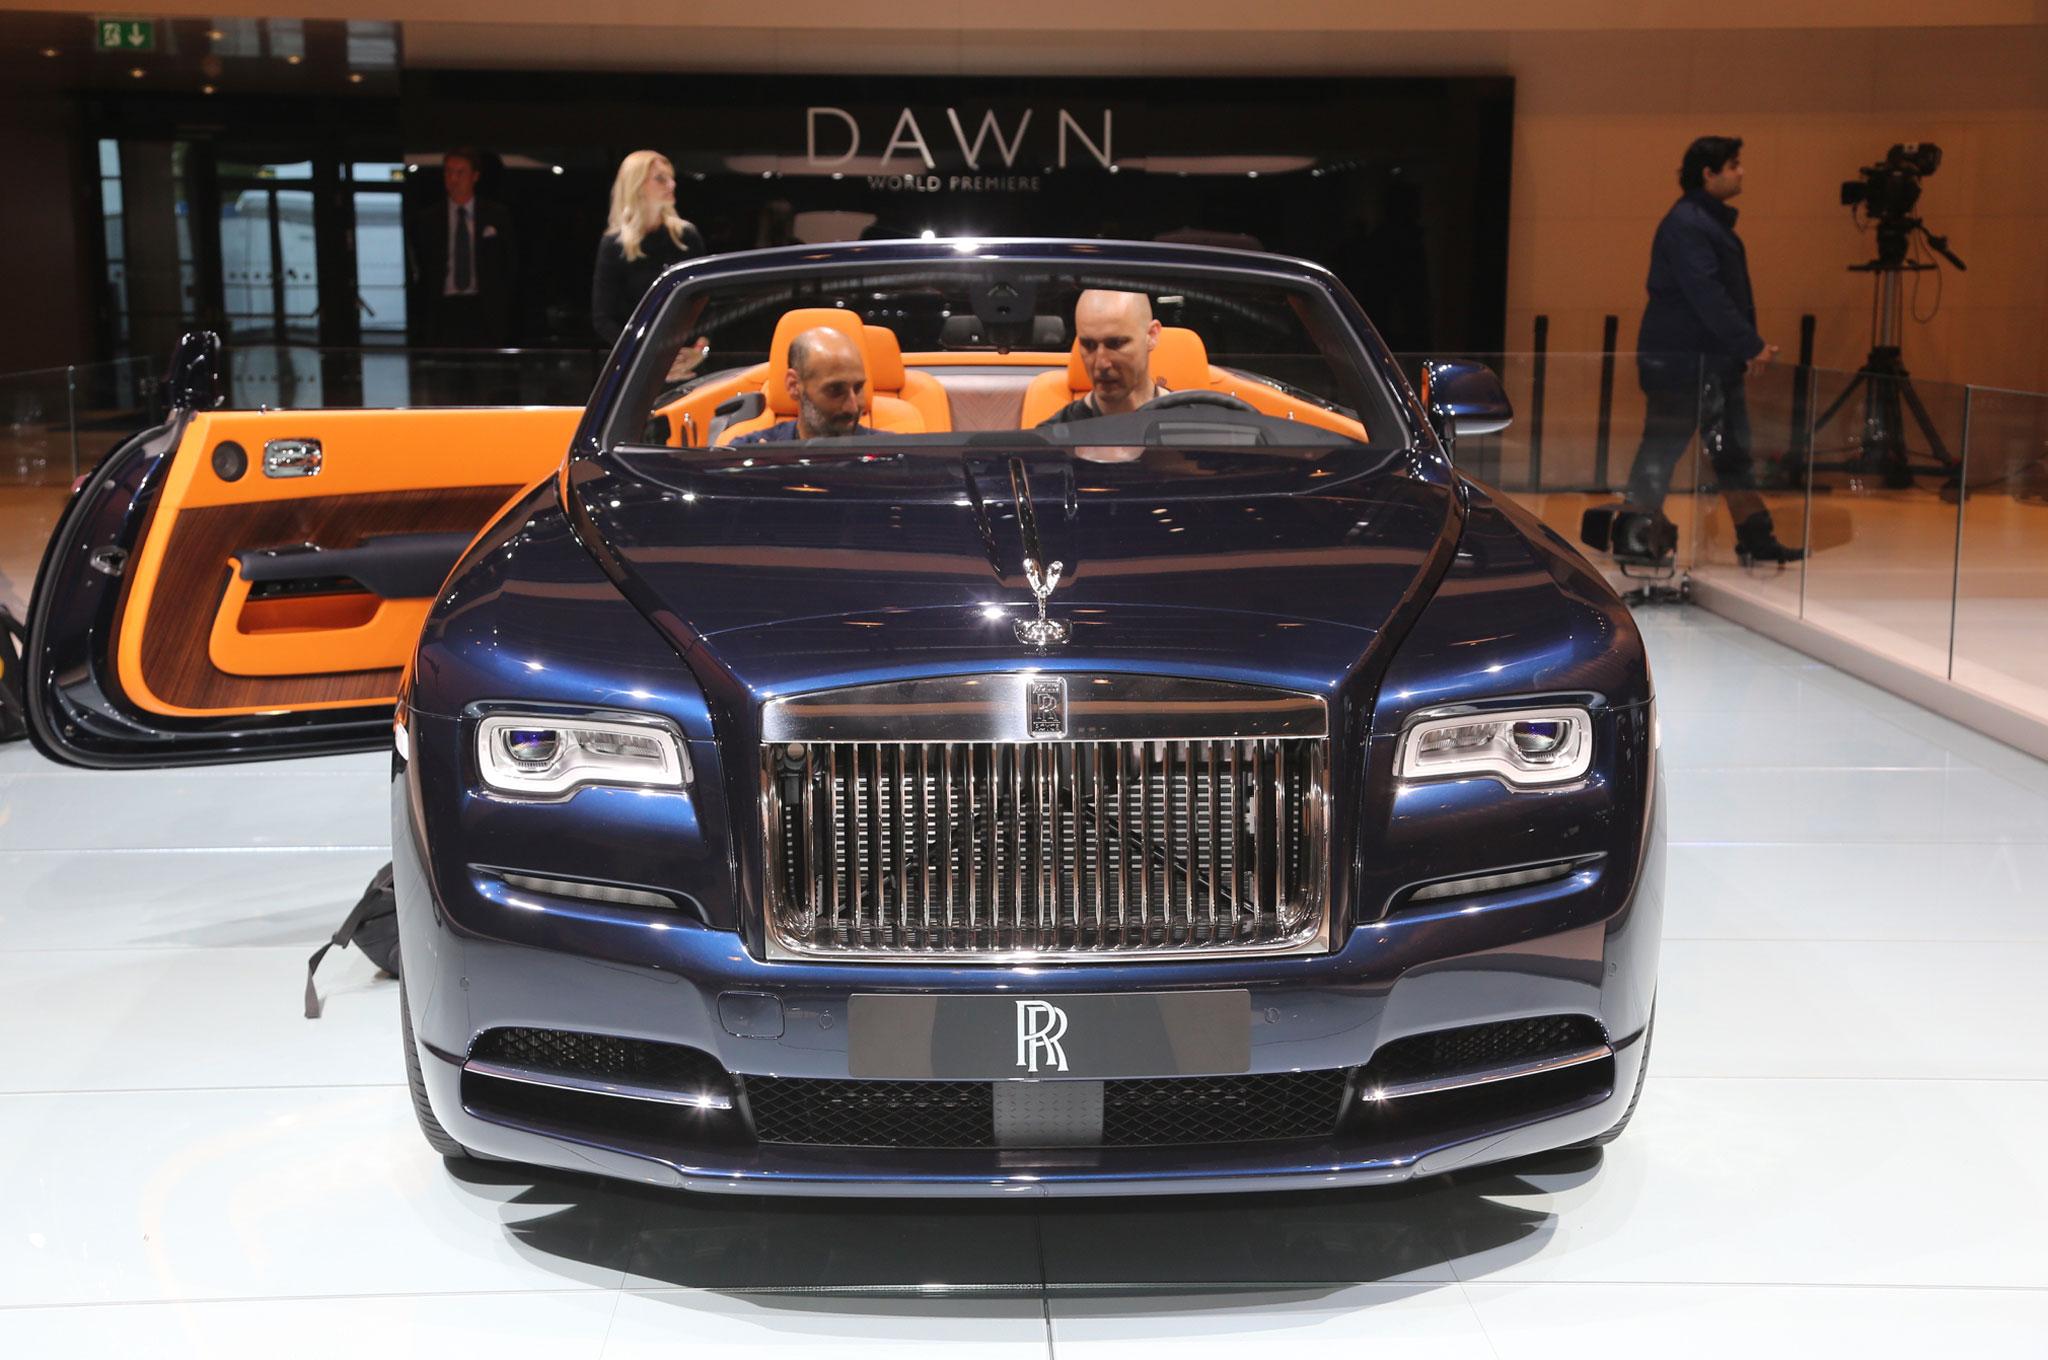 2017 Rolls Royce Dawn Brings Open Top Ultra Luxury To